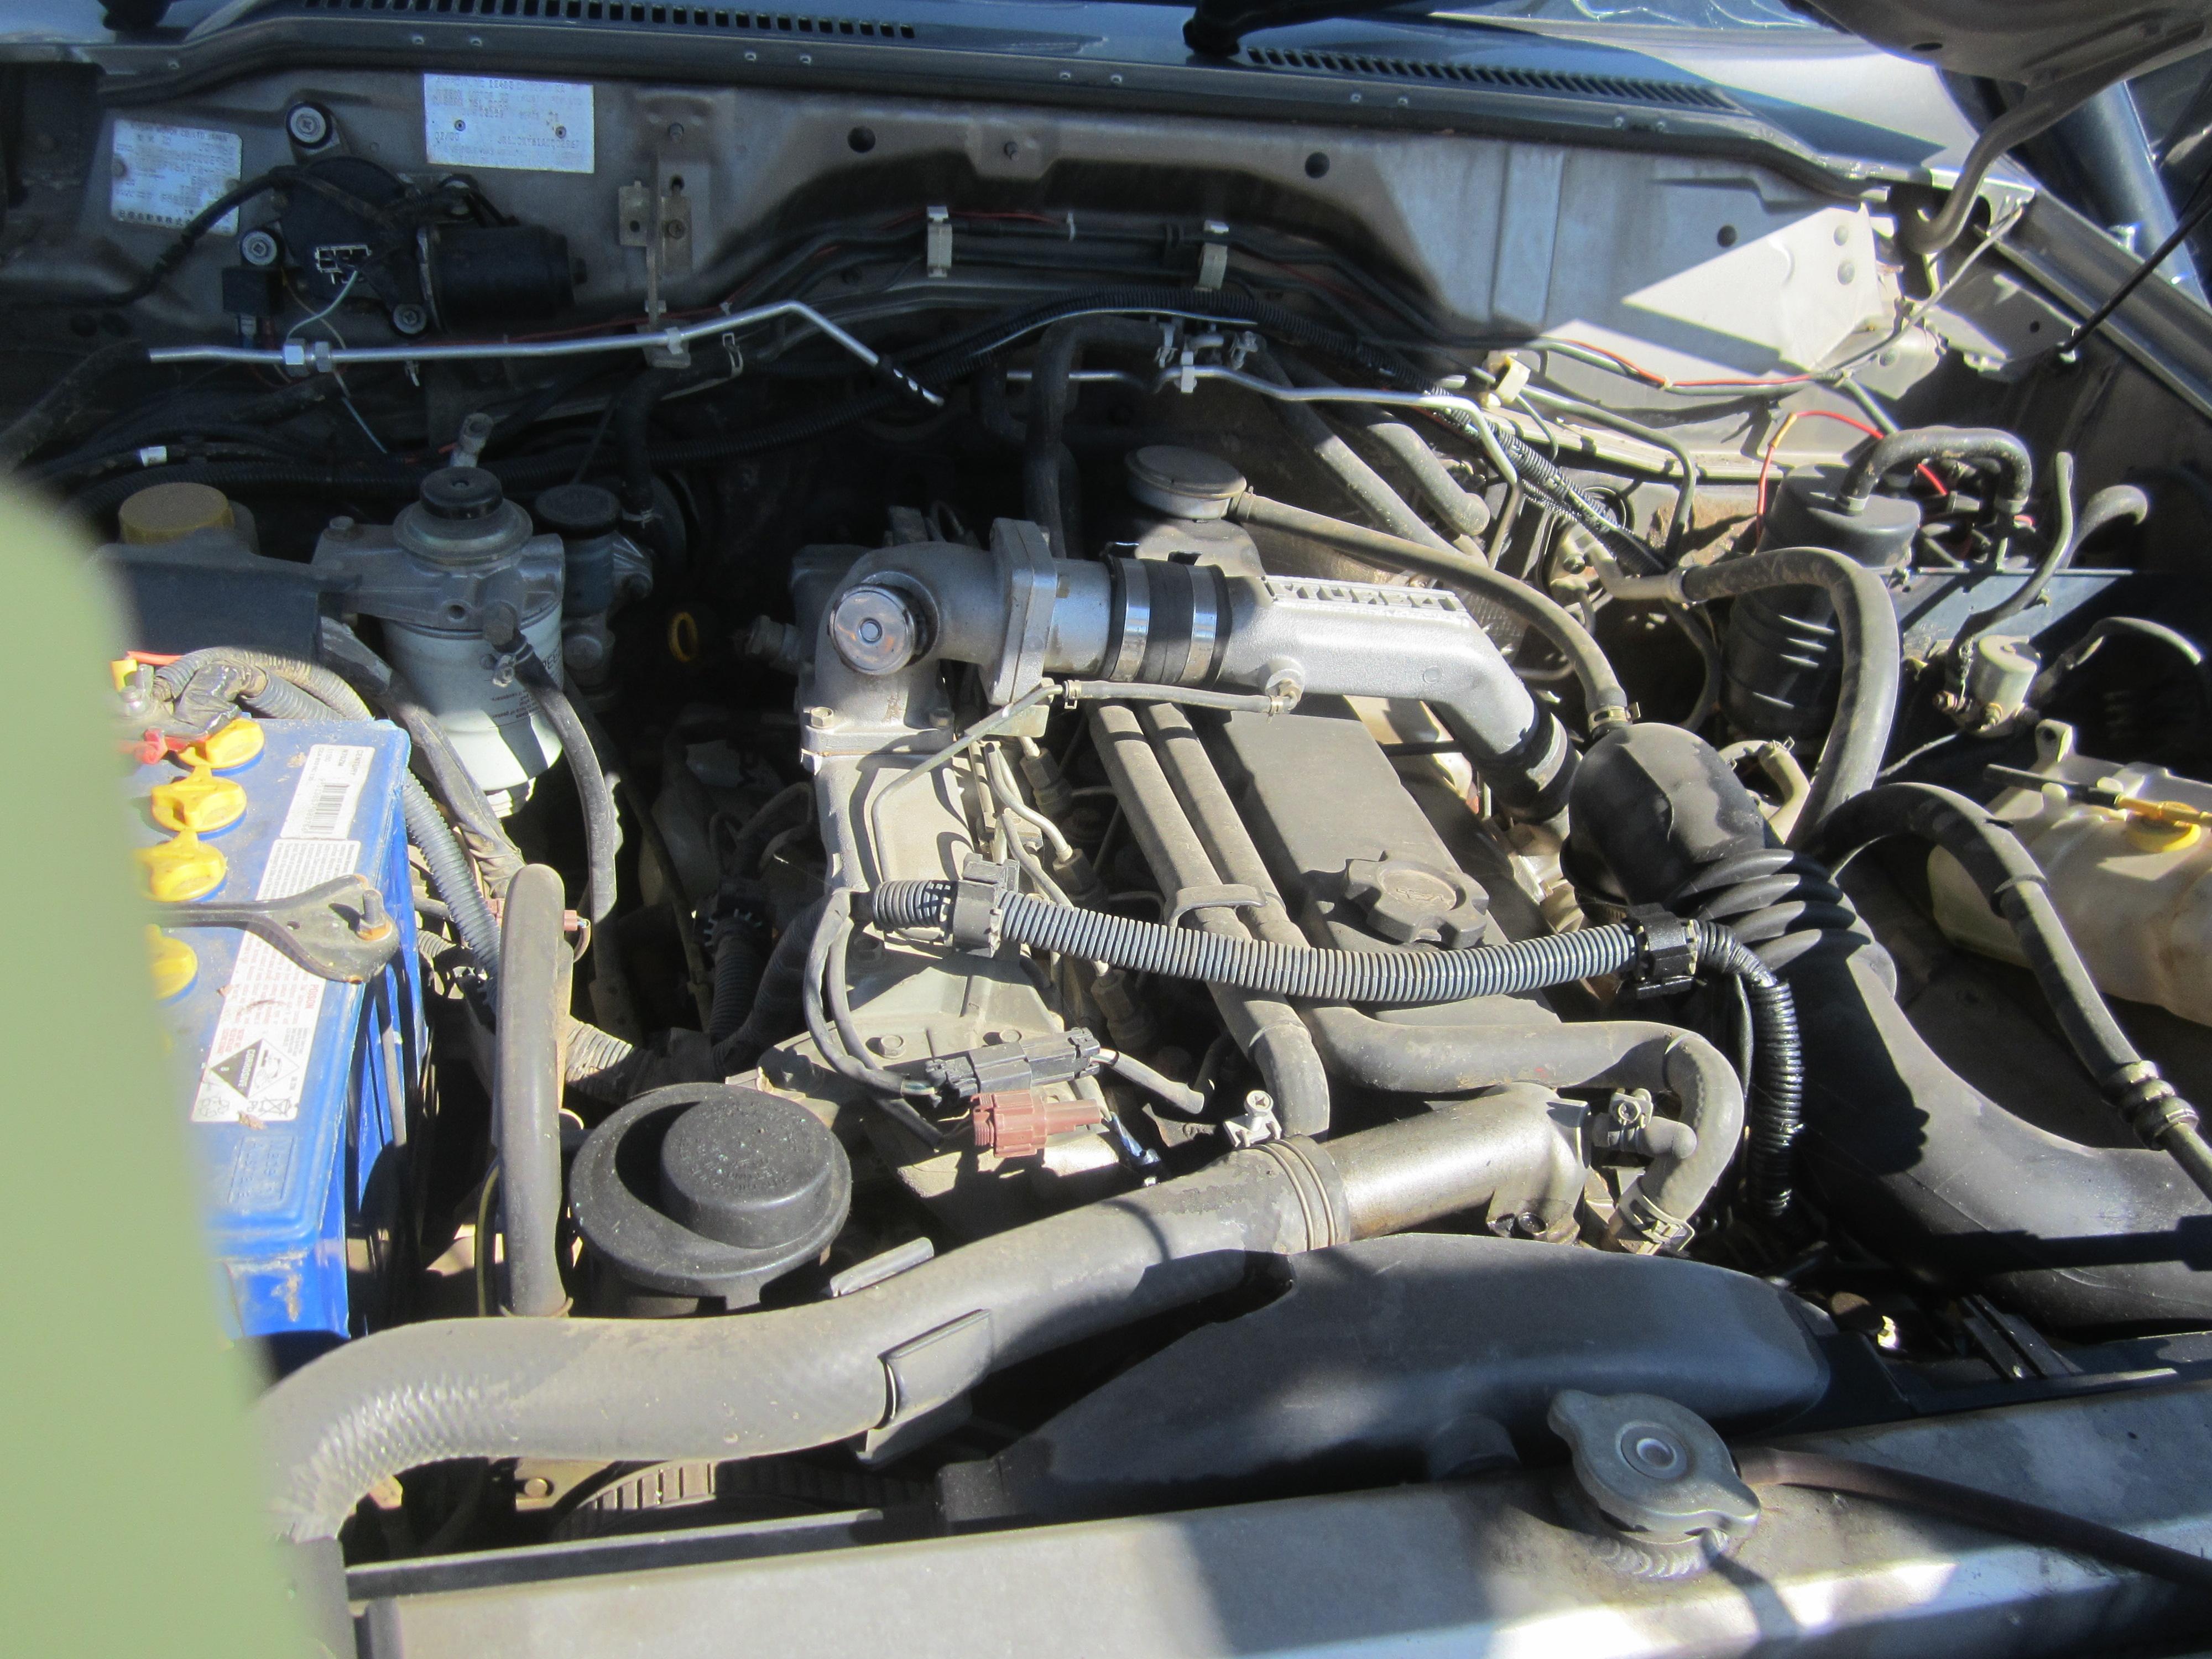 nissan patrol y61 ute td42 turbo diesel 2002 wrecking. Black Bedroom Furniture Sets. Home Design Ideas